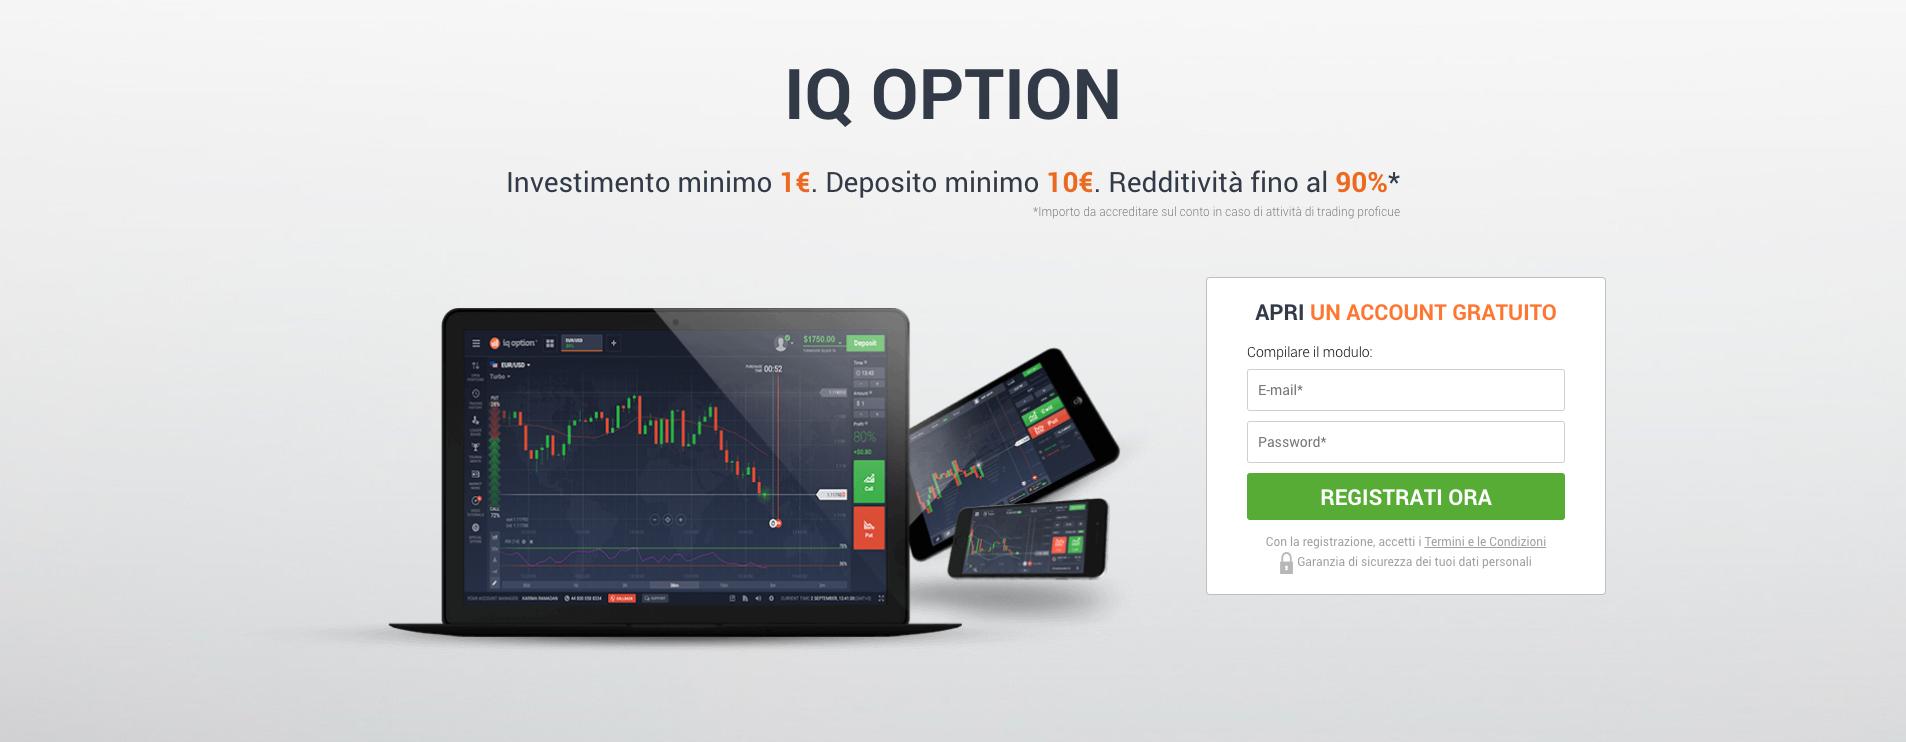 Guida Trading Bitcoin con iQ option: Registrati ora